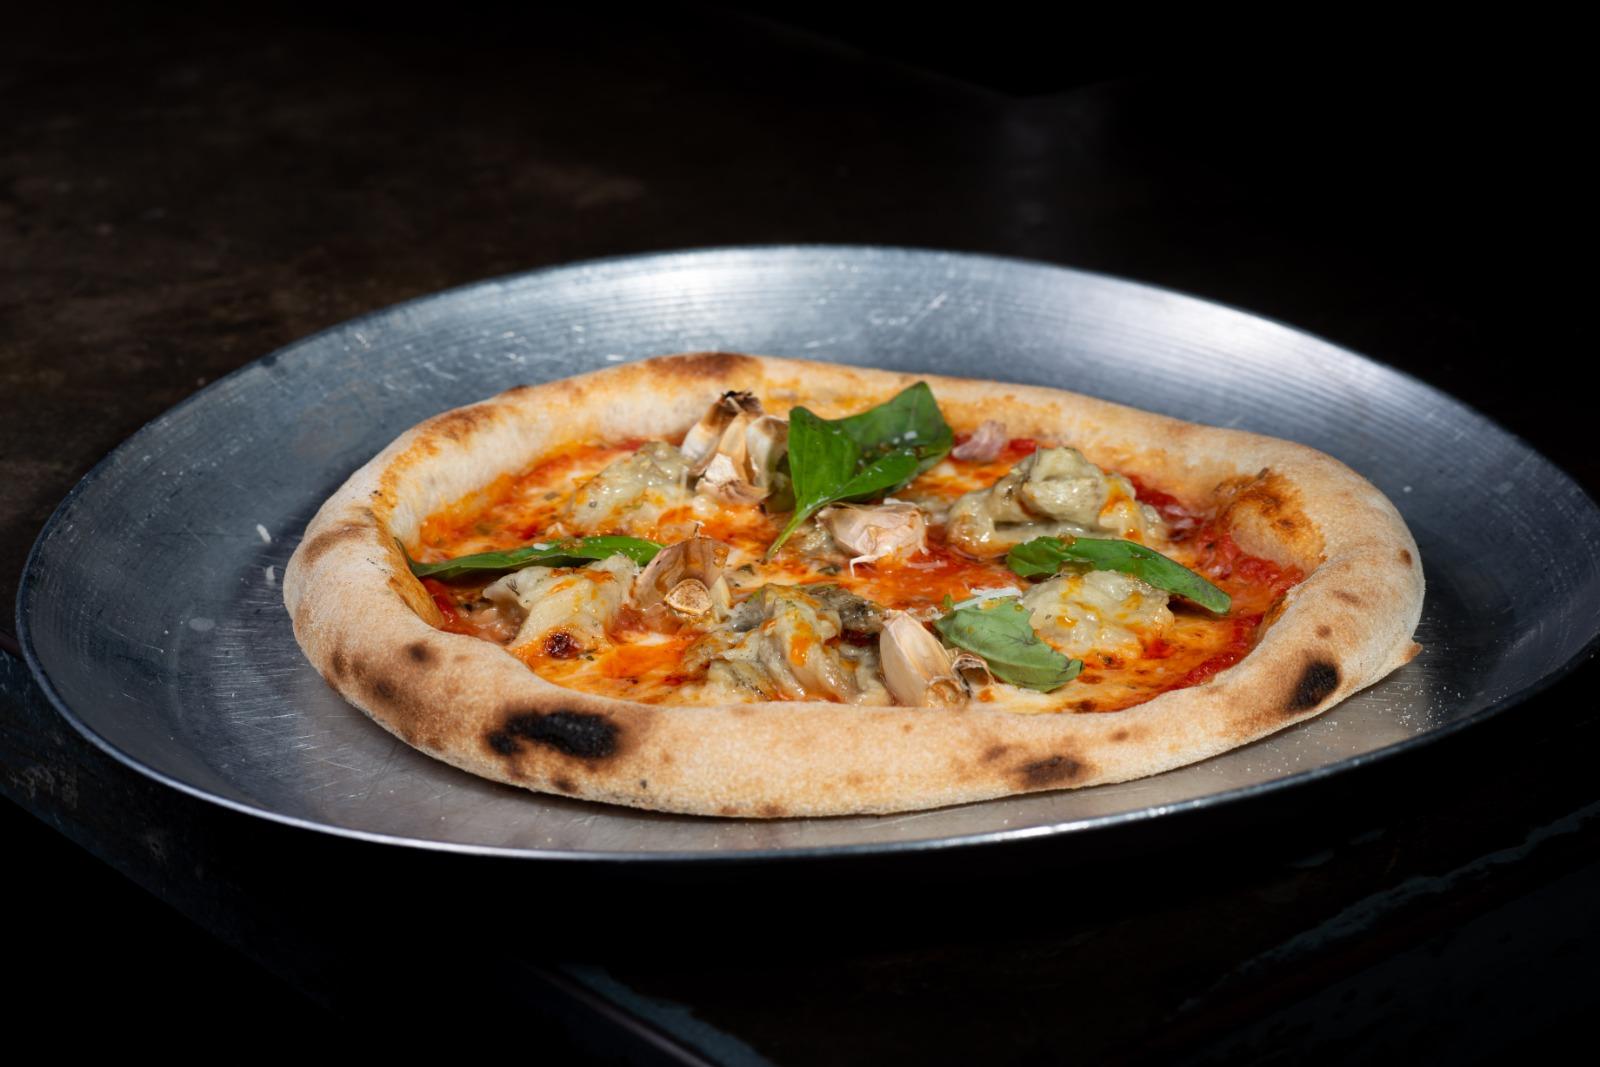 פיצה מרגריטה של מרקטו. צילום: נורית פורן